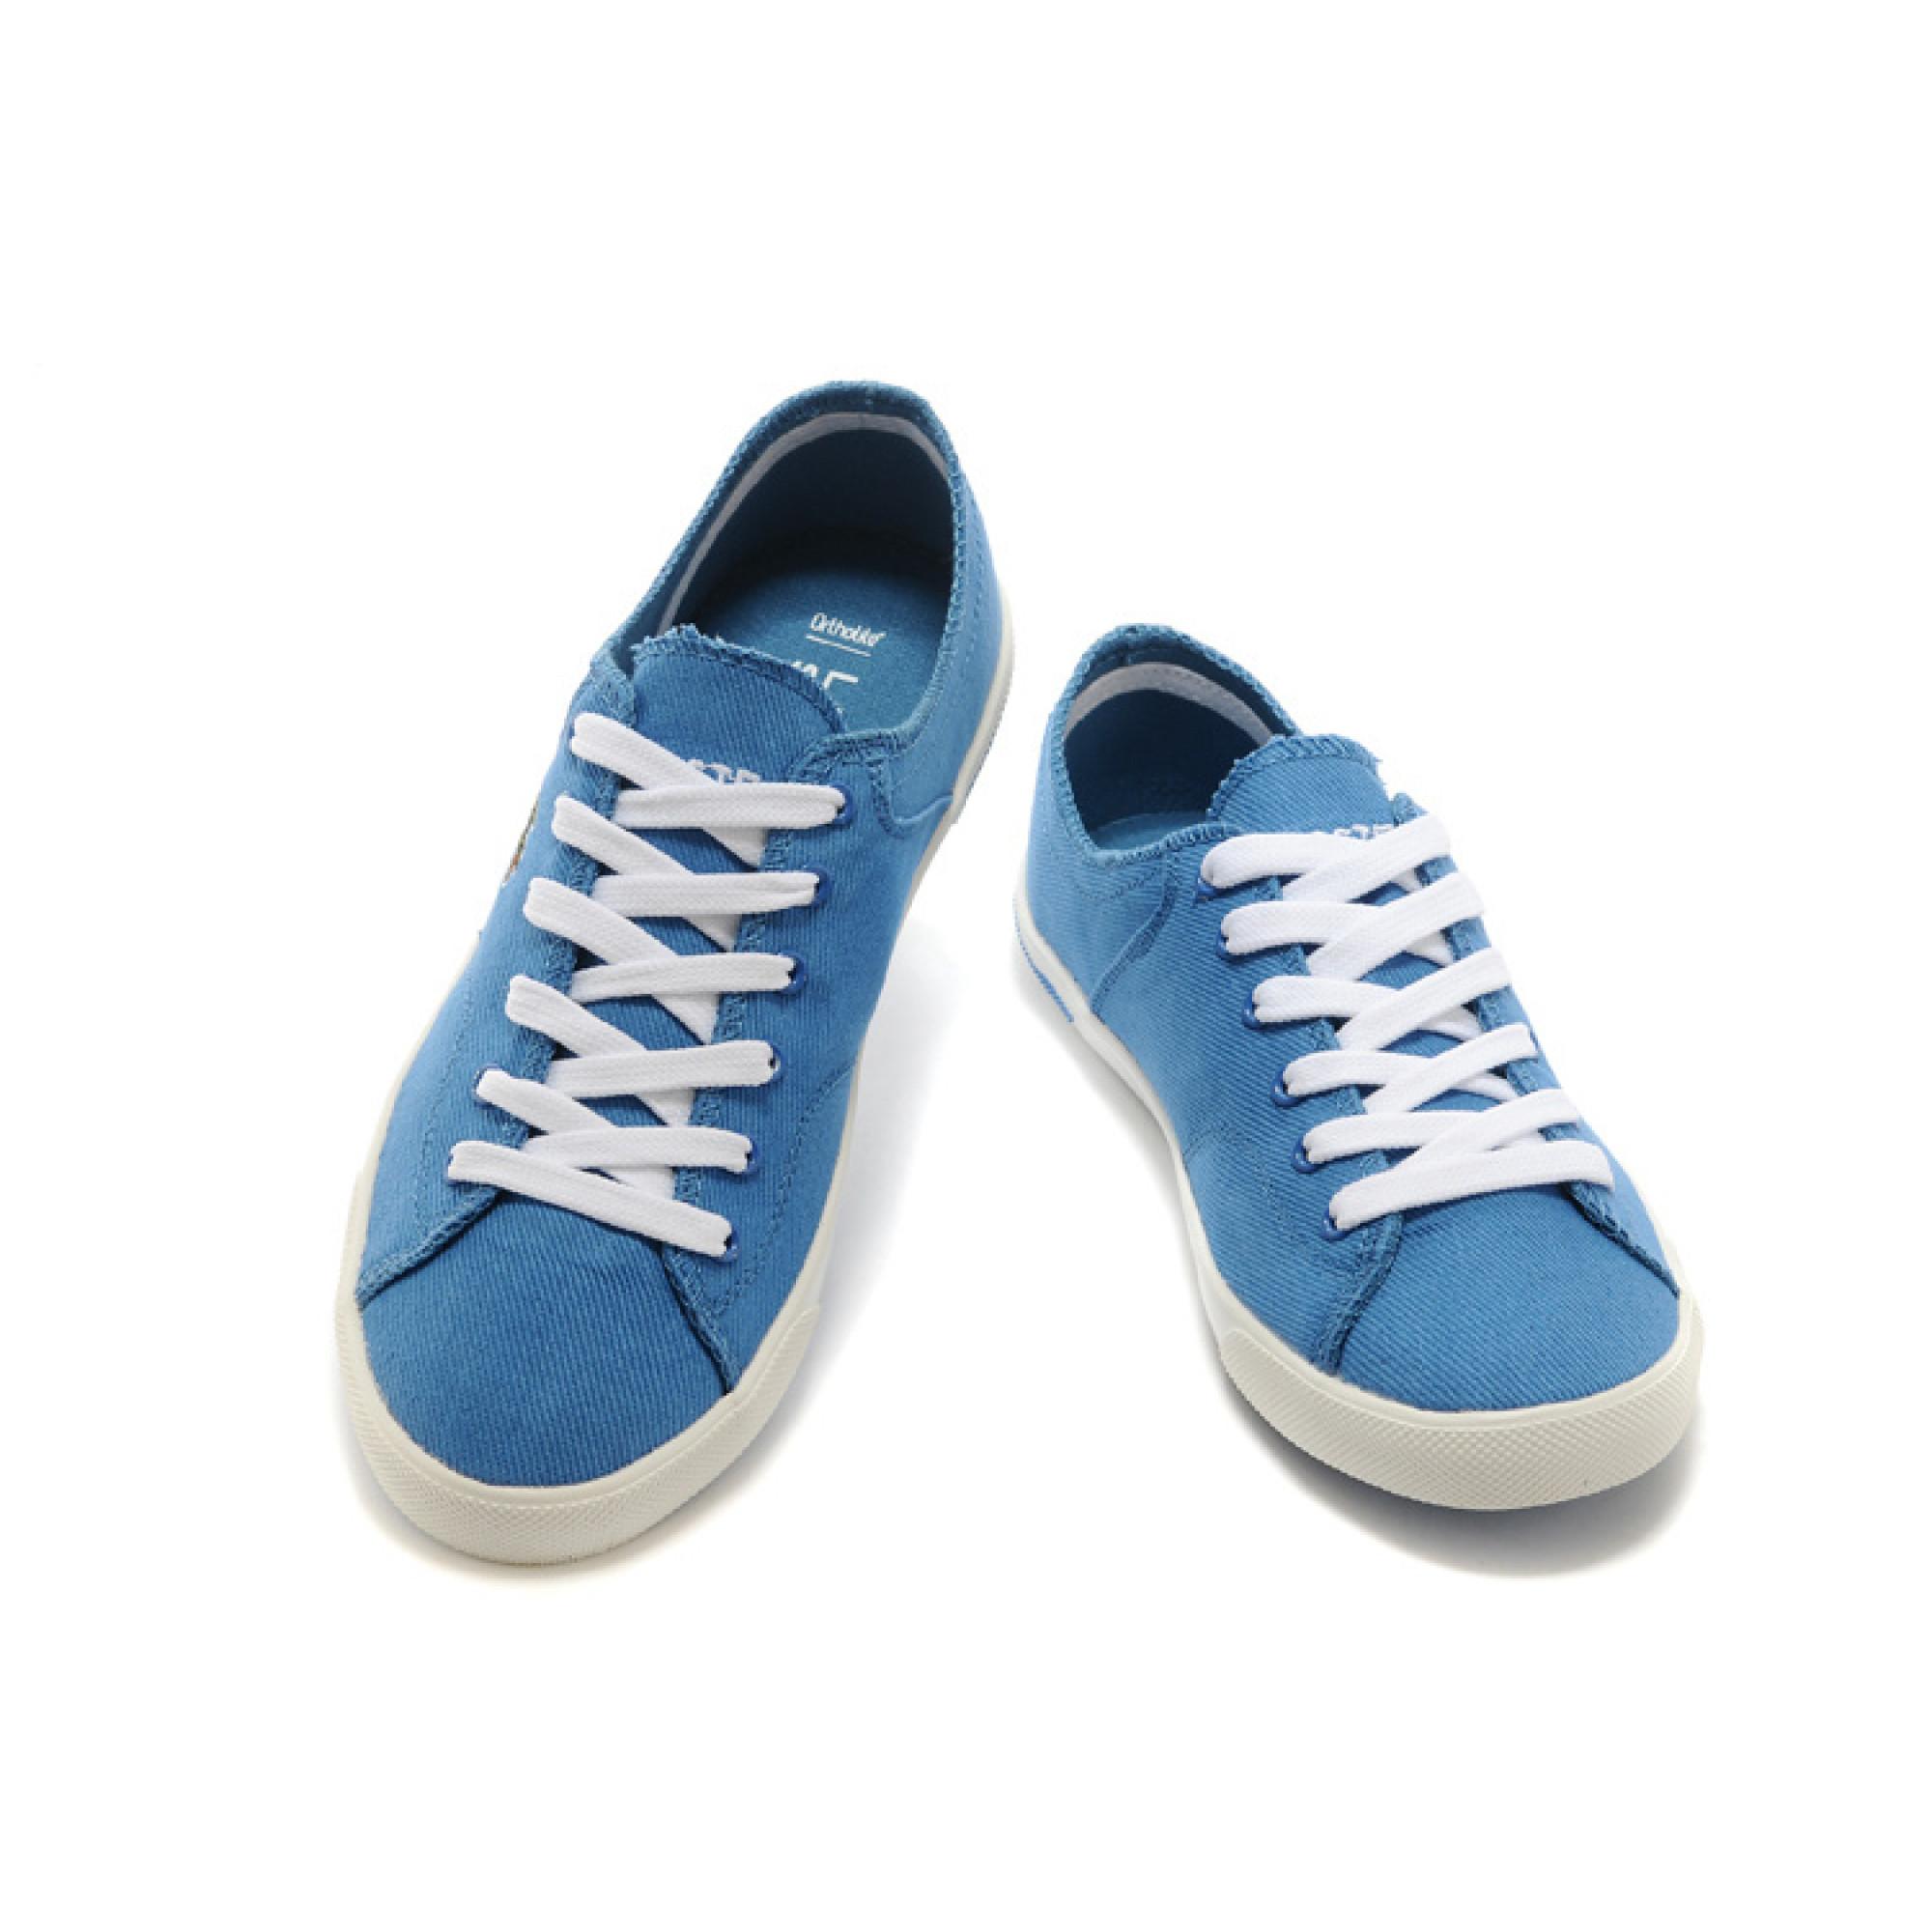 1816e38c Купить голубые женские кеды от Lacoste — в Киеве, код товара 21427